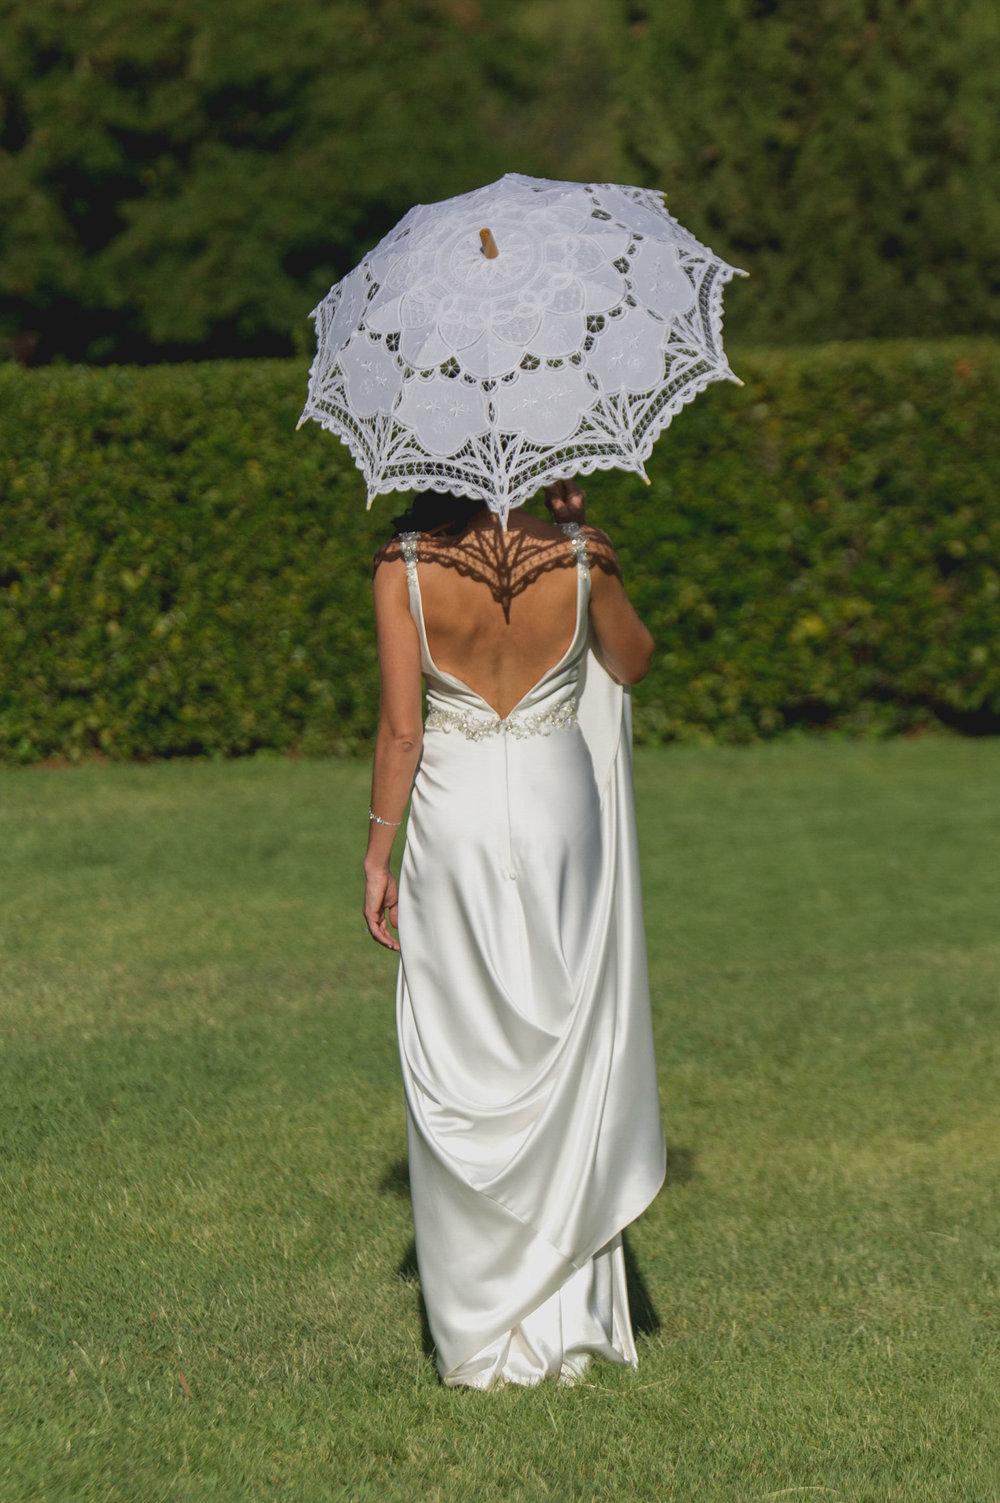 cape-town-wedding-photographer-john-henry-bartlett-shelly-001-4.jpg